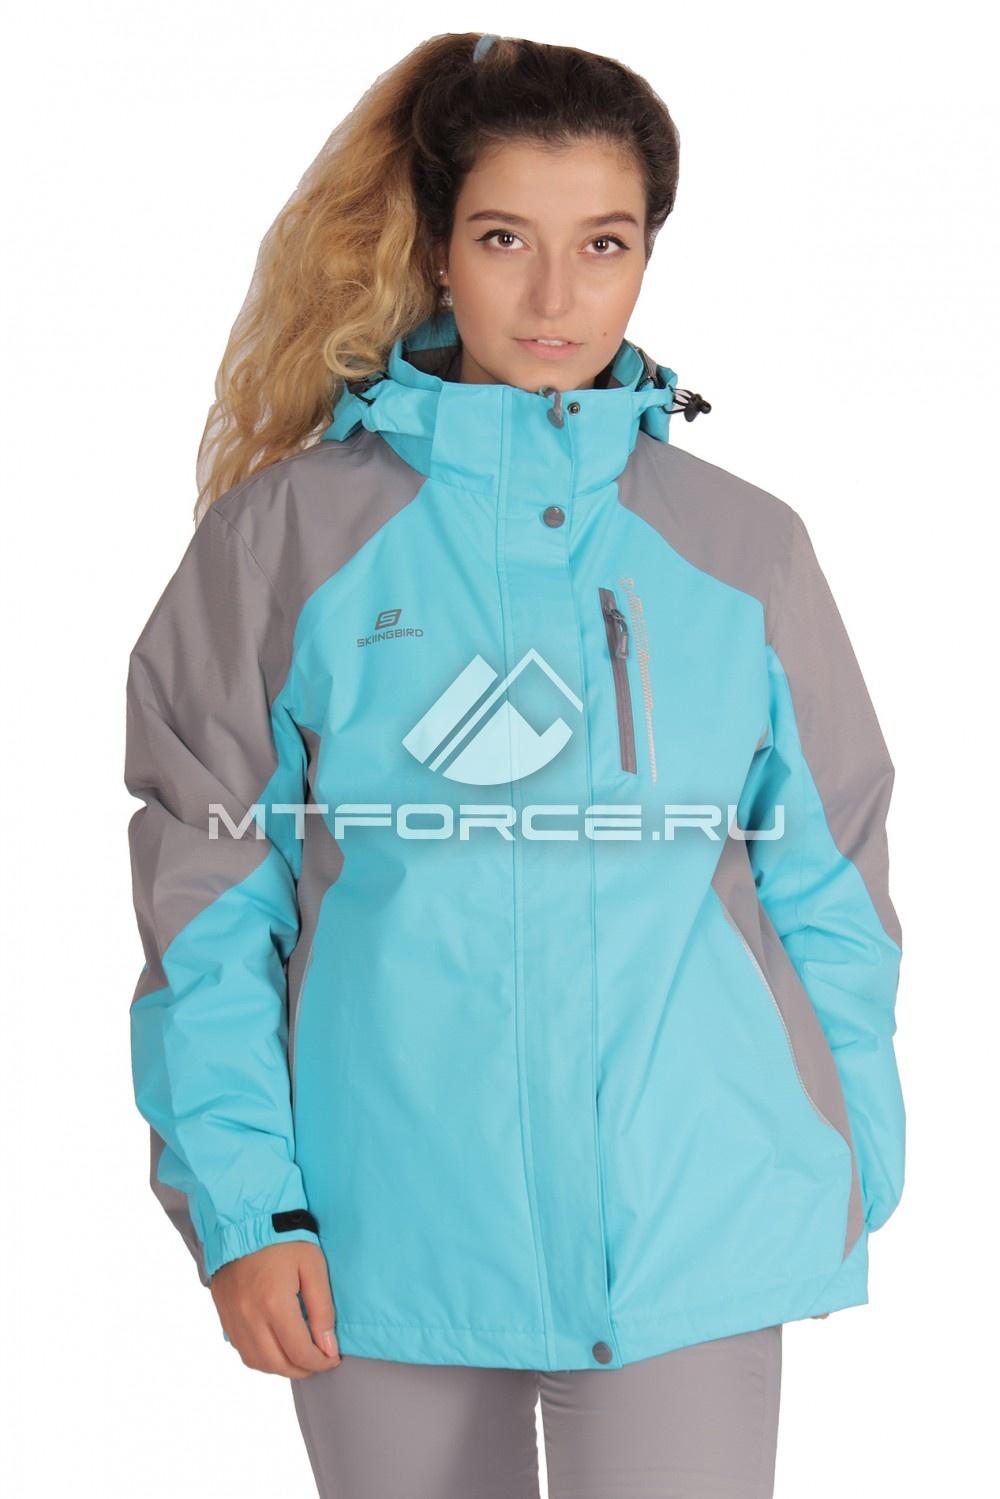 Купить                                  оптом Куртка большого размера женский бирюзового цвета 1762Br